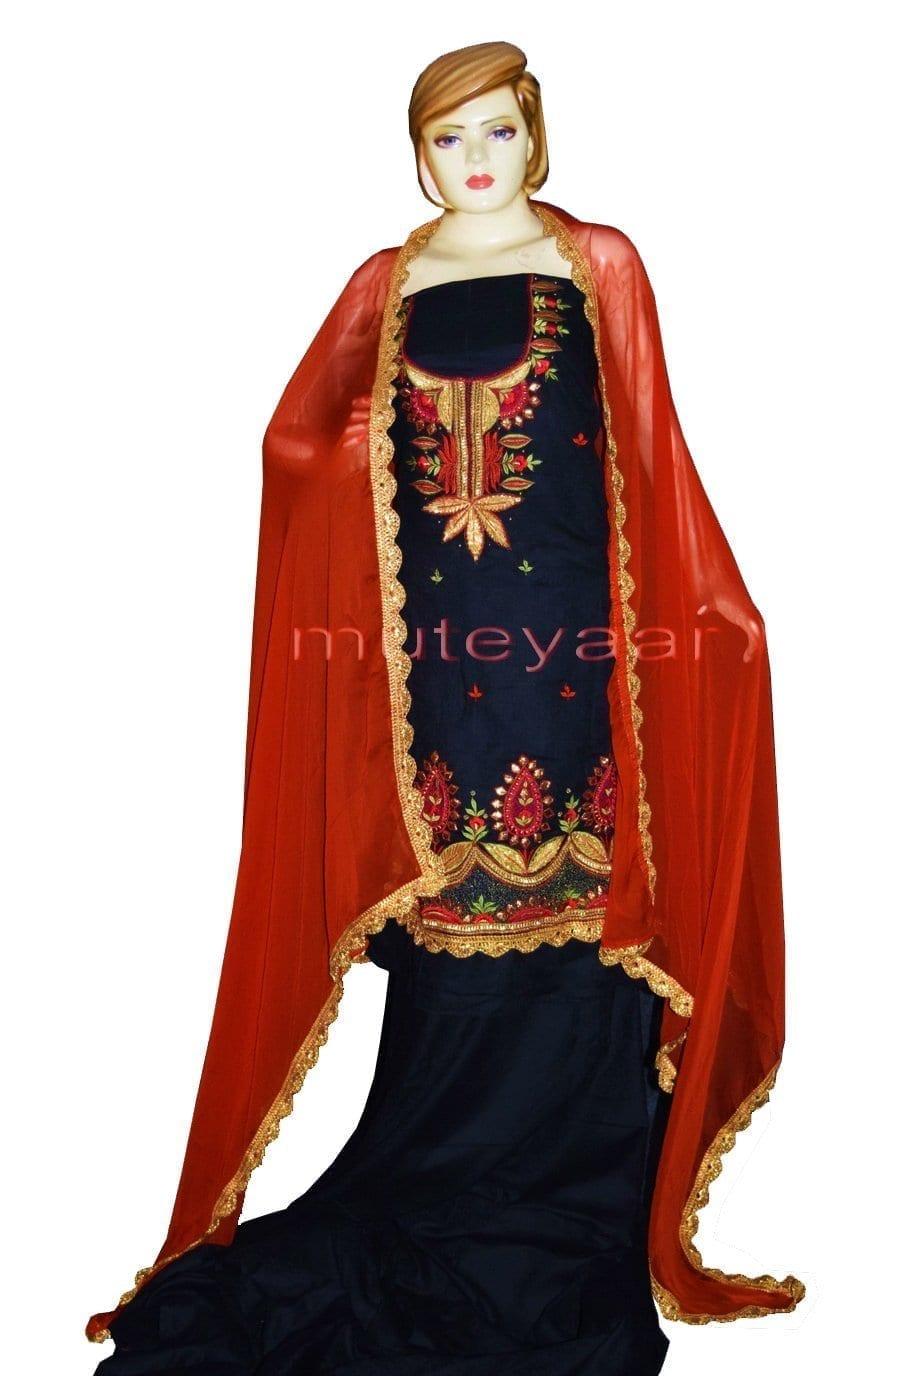 Designer Gota Patti Embroidery Boutique Suit Cotton Salwar Kameez CHIFFON Dupatta RM313 1